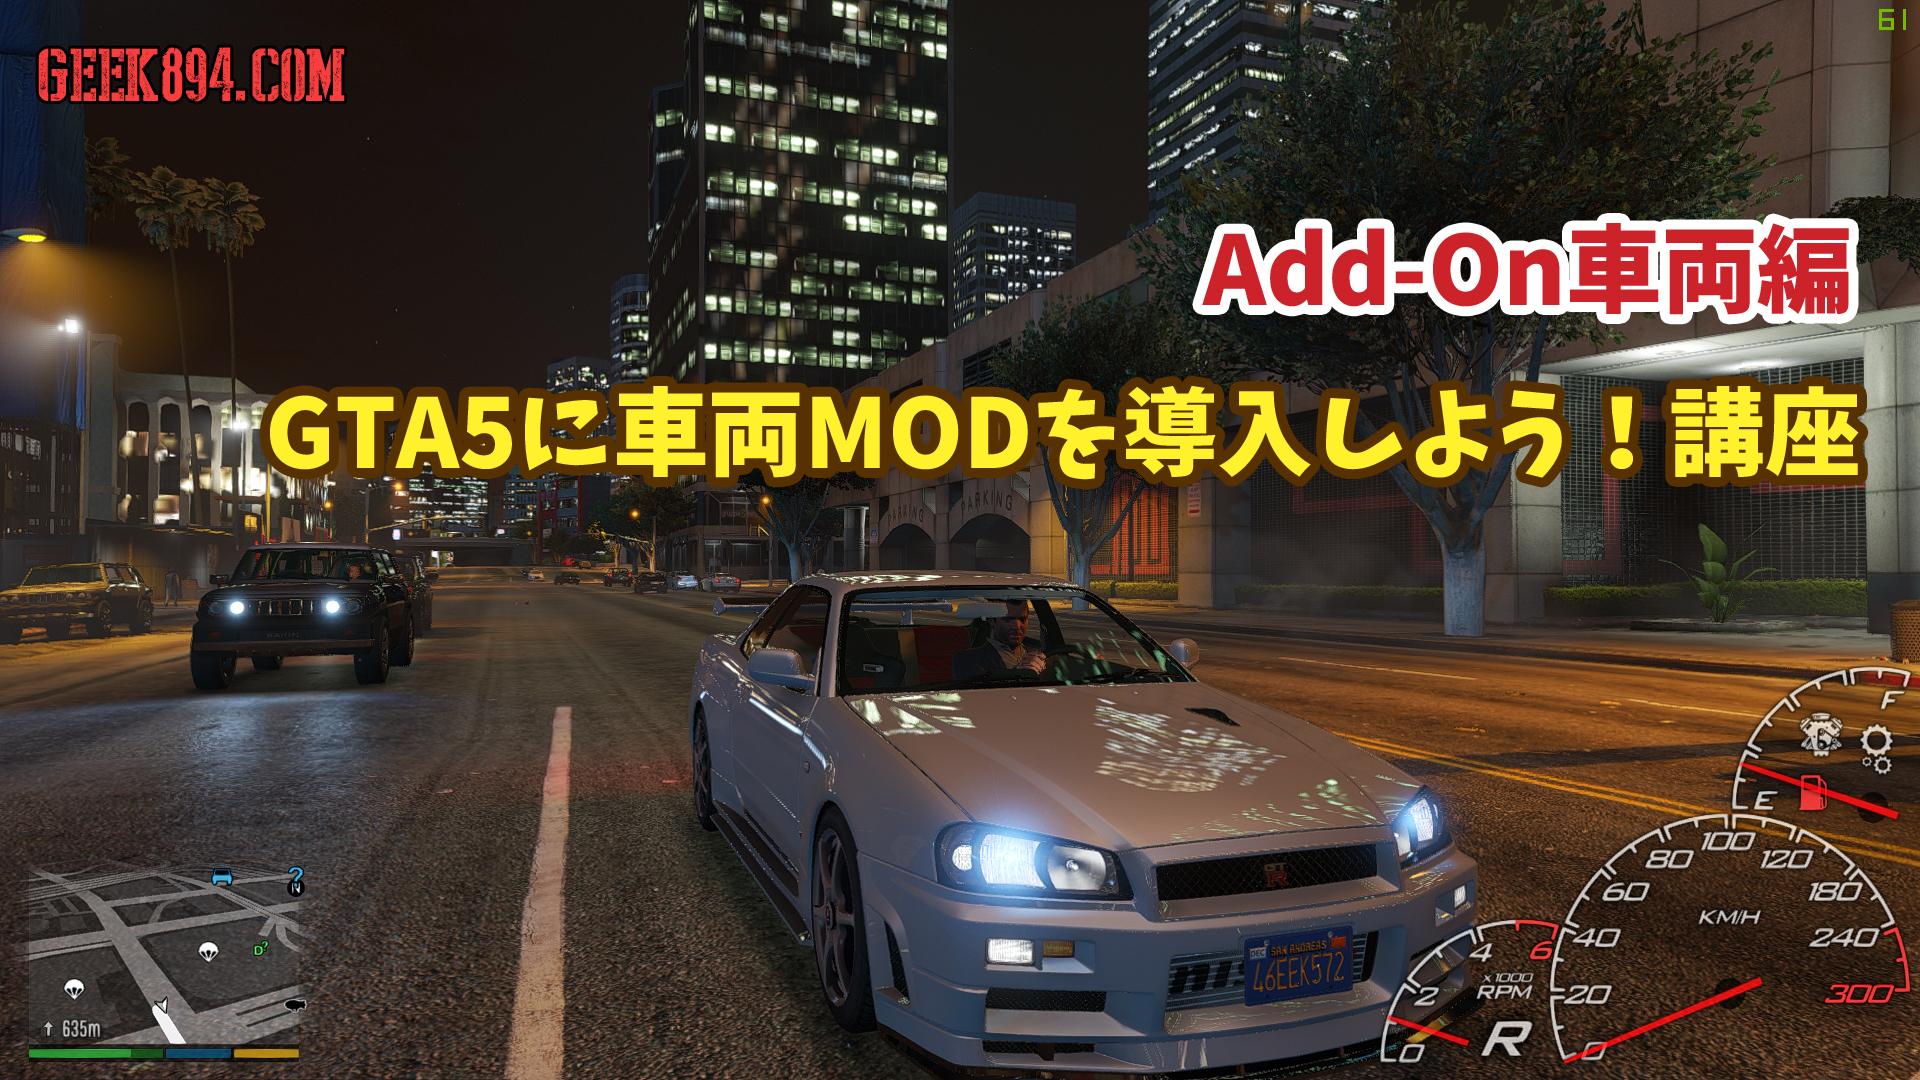 私が導入しているおすすめ実車modをご紹介 日本車スポーツカー編